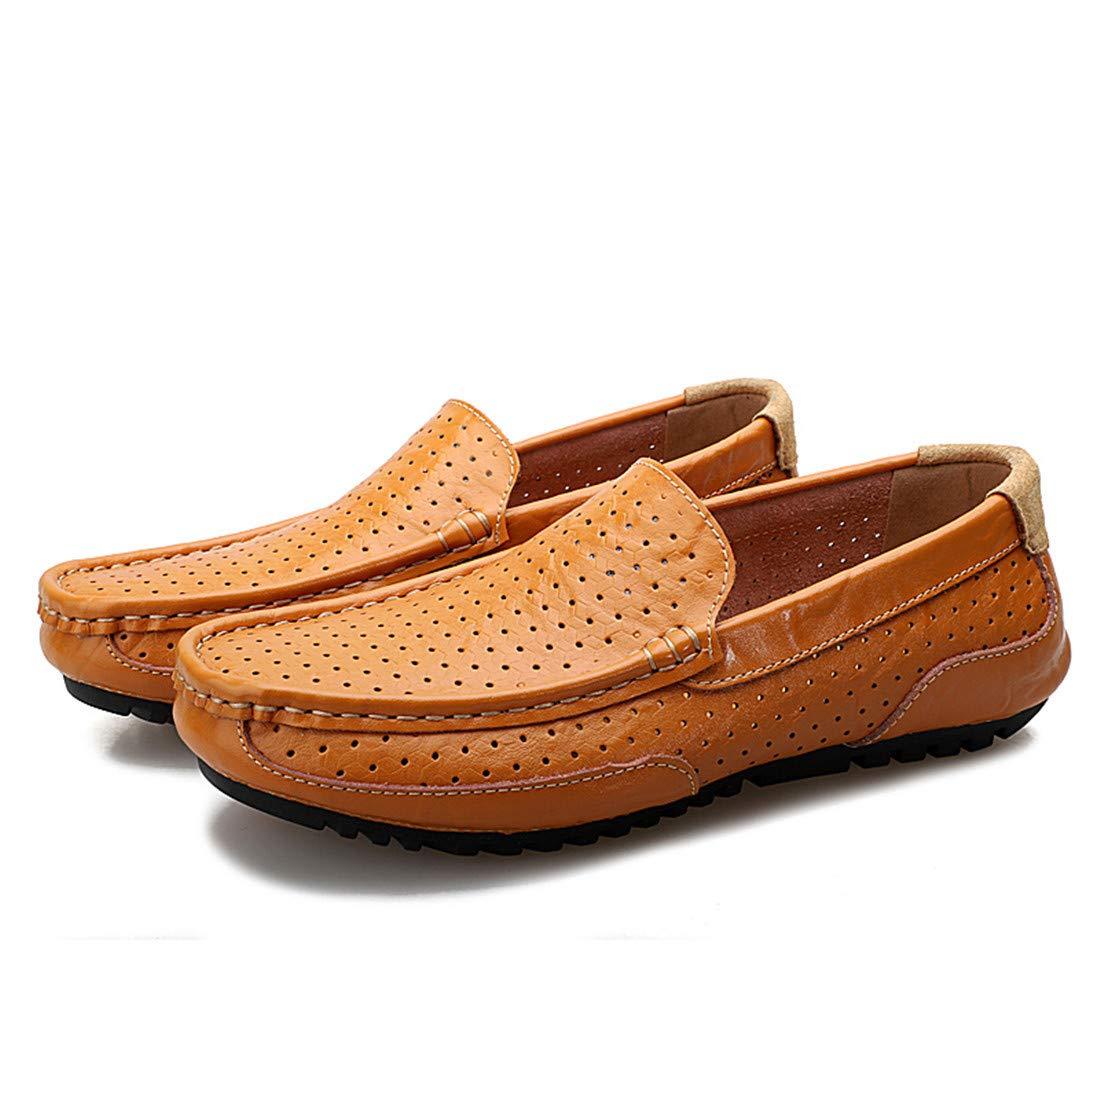 男性の通気性に優れた通気性のあるエンドウ豆の靴ドライビングシューズチェック柄の革ピーズの靴オプションの飛んでいるMDスポーツショールオプションの飛んでいる織物のスポーツシューズショックアブソーバーのMDソールFT 45-2028-1